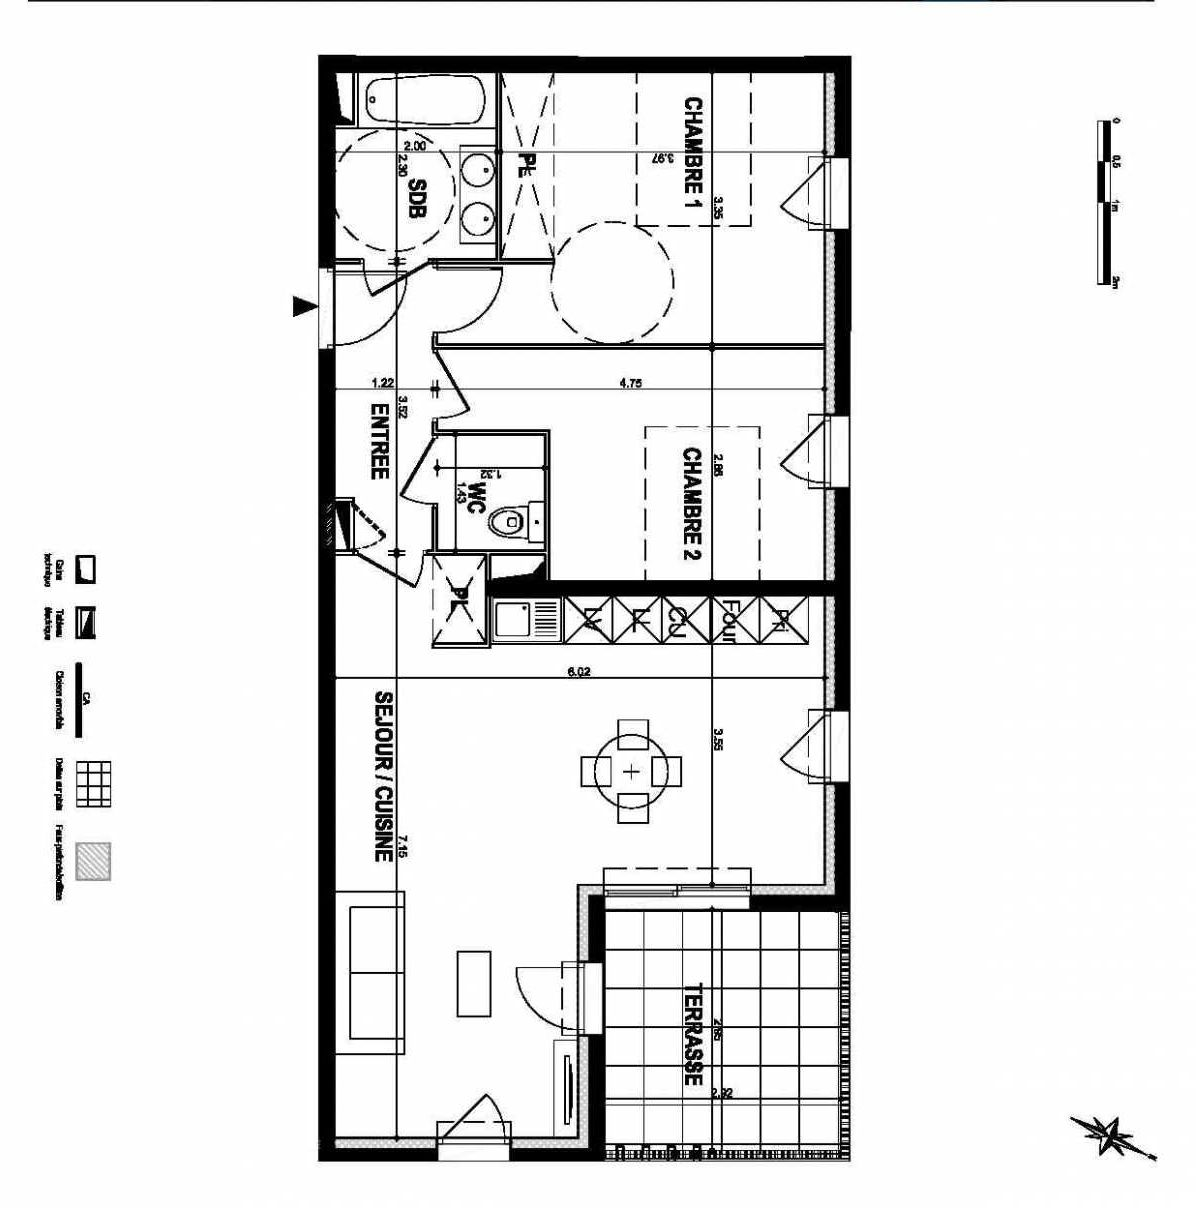 Plan Lot 009, appartement neuf type T3 au Rez de chaussée, orienté Nord faisant 66m² du programme neuf LE CLEM à Mauguio.